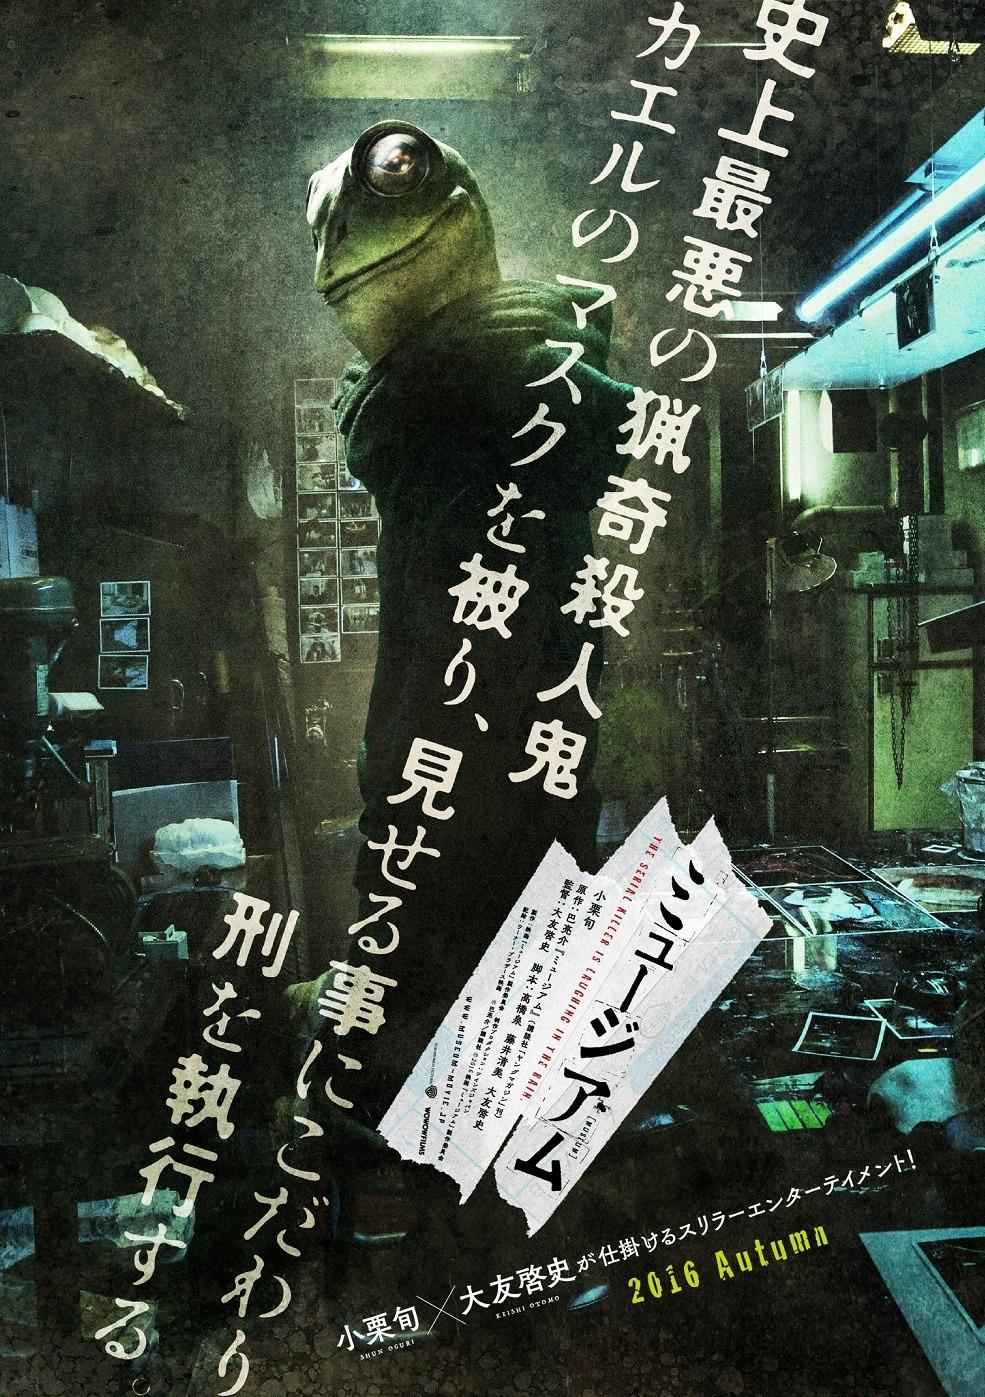 殺人 カエル 男 鬼 連続